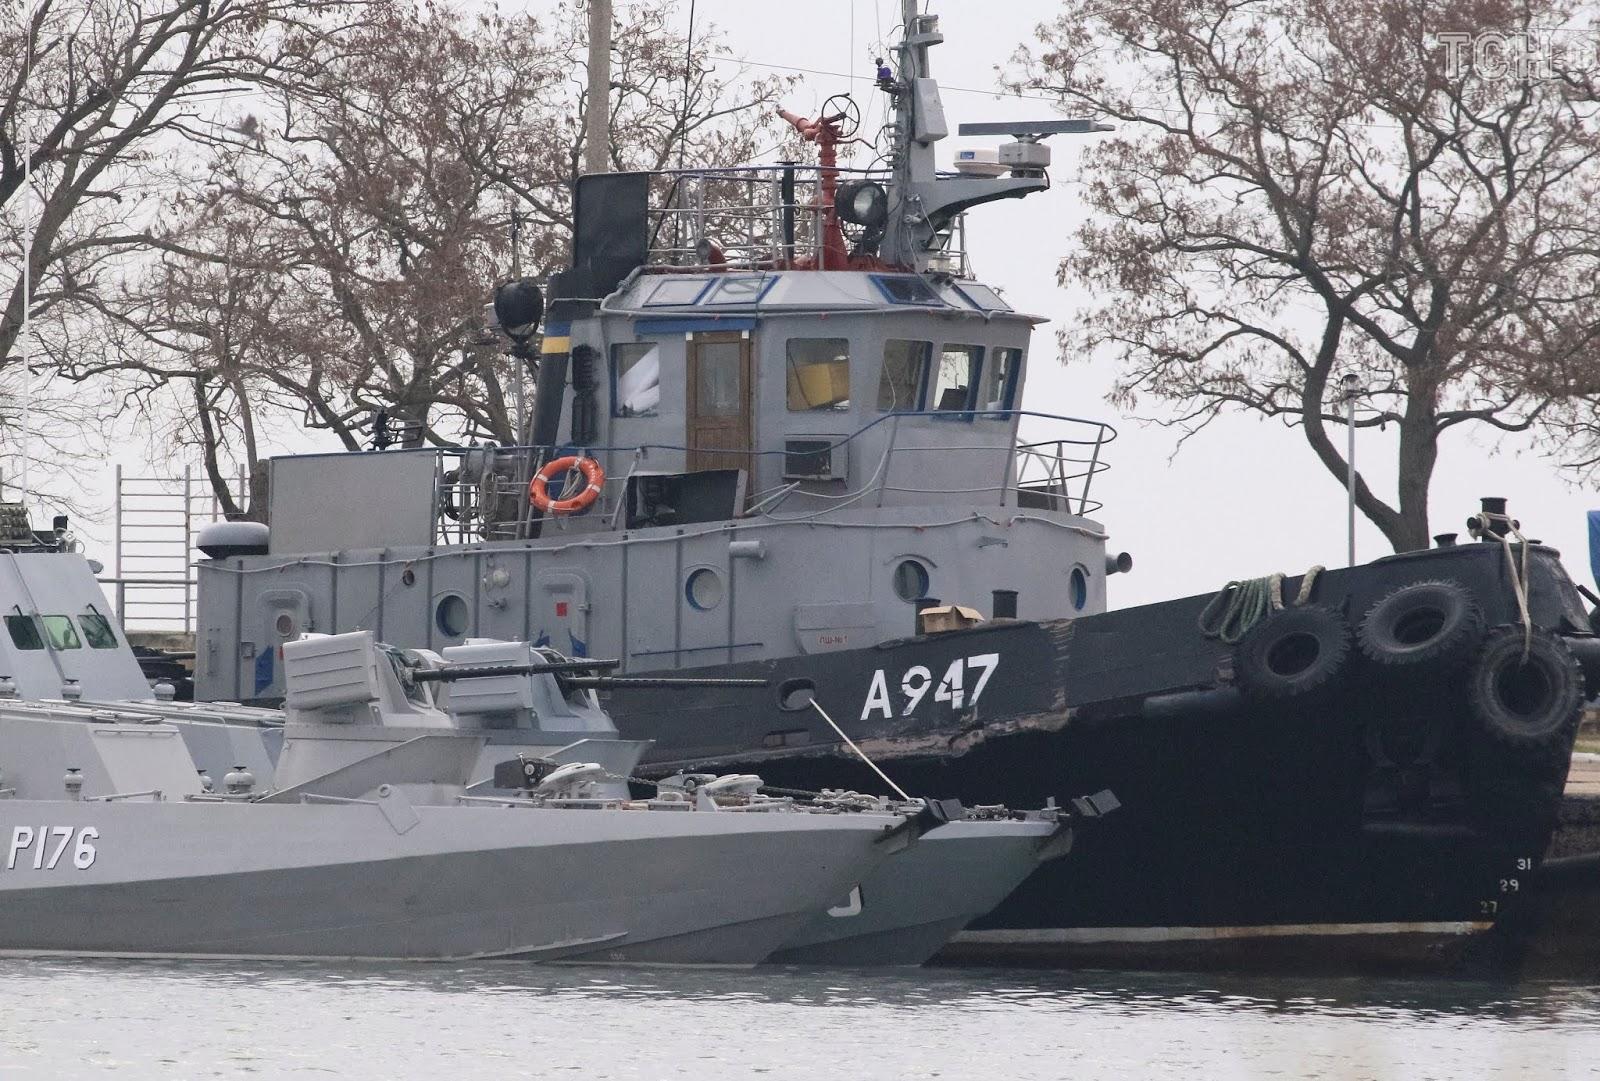 России следует избегать провокаций, вернуть задержанные корабли и освободить украинских моряков, - глава ПА ОБСЕ Церетели - Цензор.НЕТ 8678